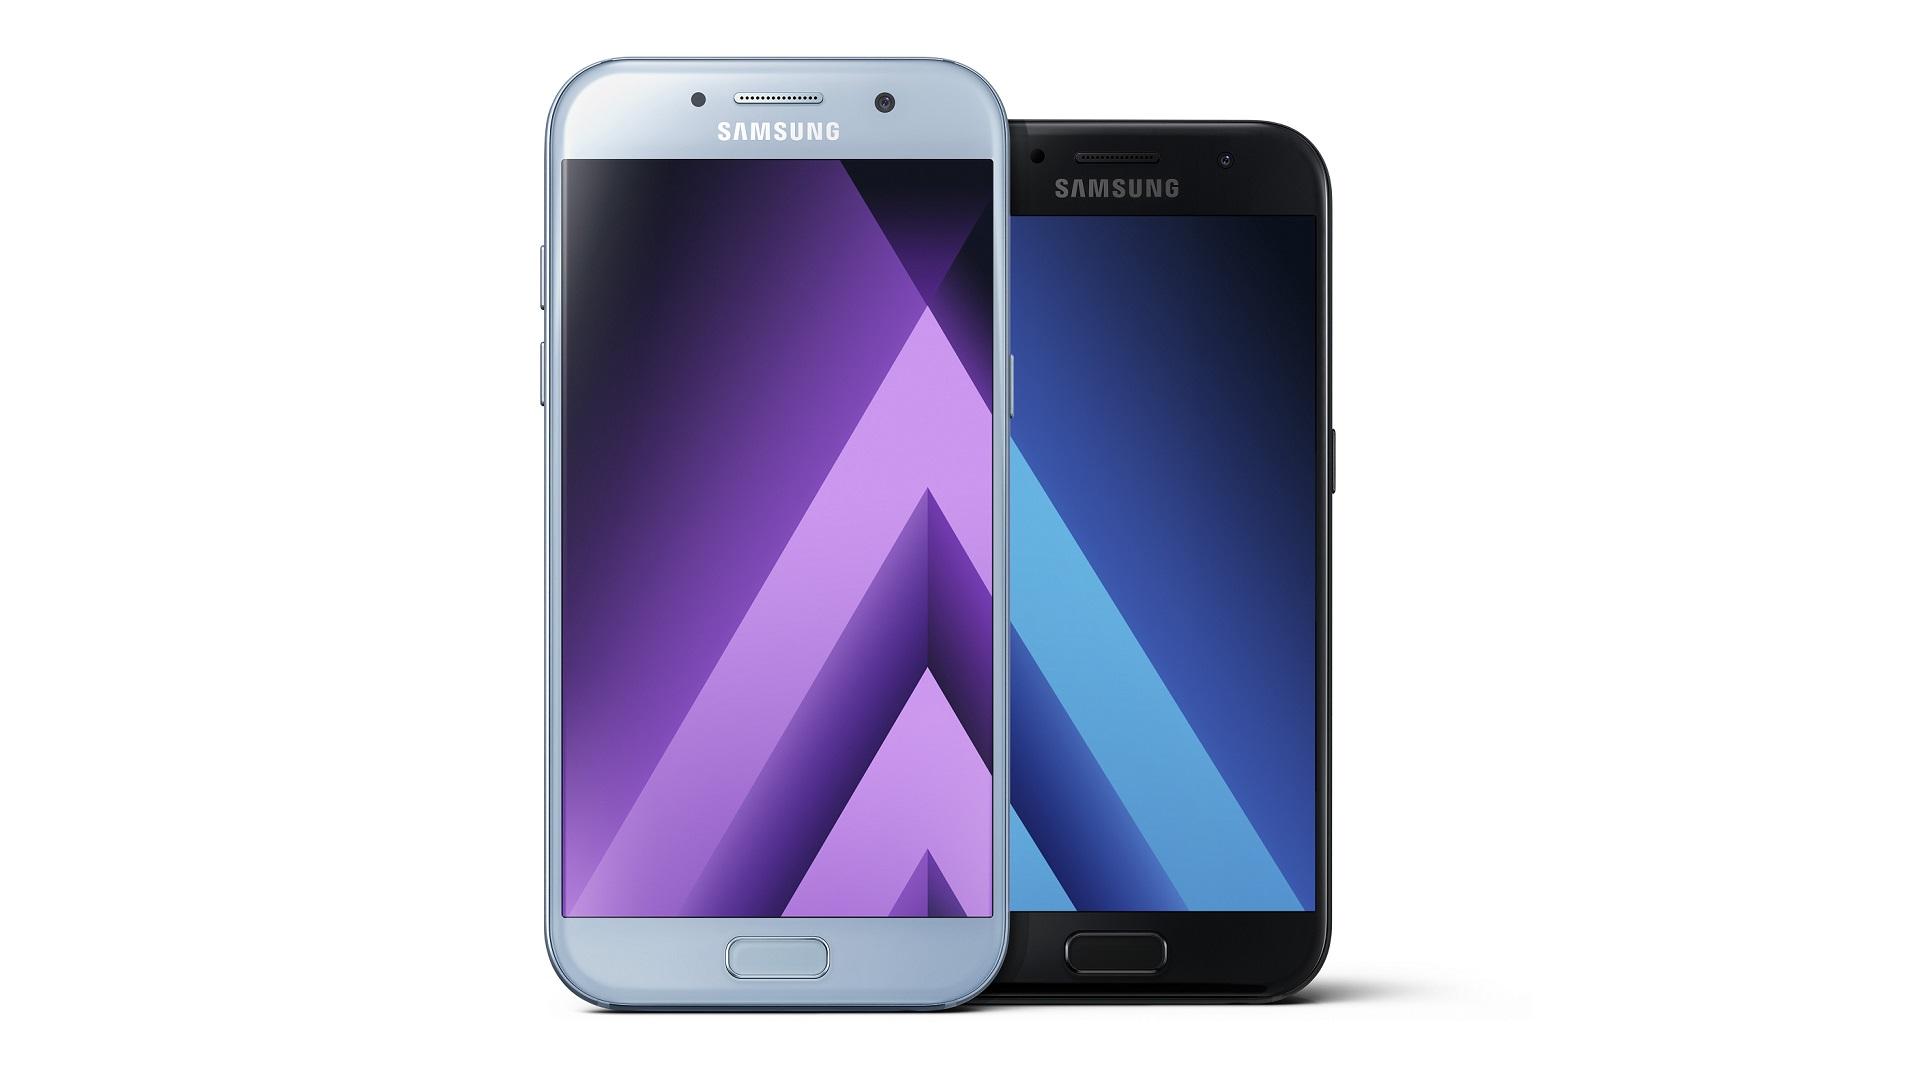 Samsung Galaxy A3 und A5 2017 Verfrühter Marktstart mit niedrigeren Preisen – GIGA